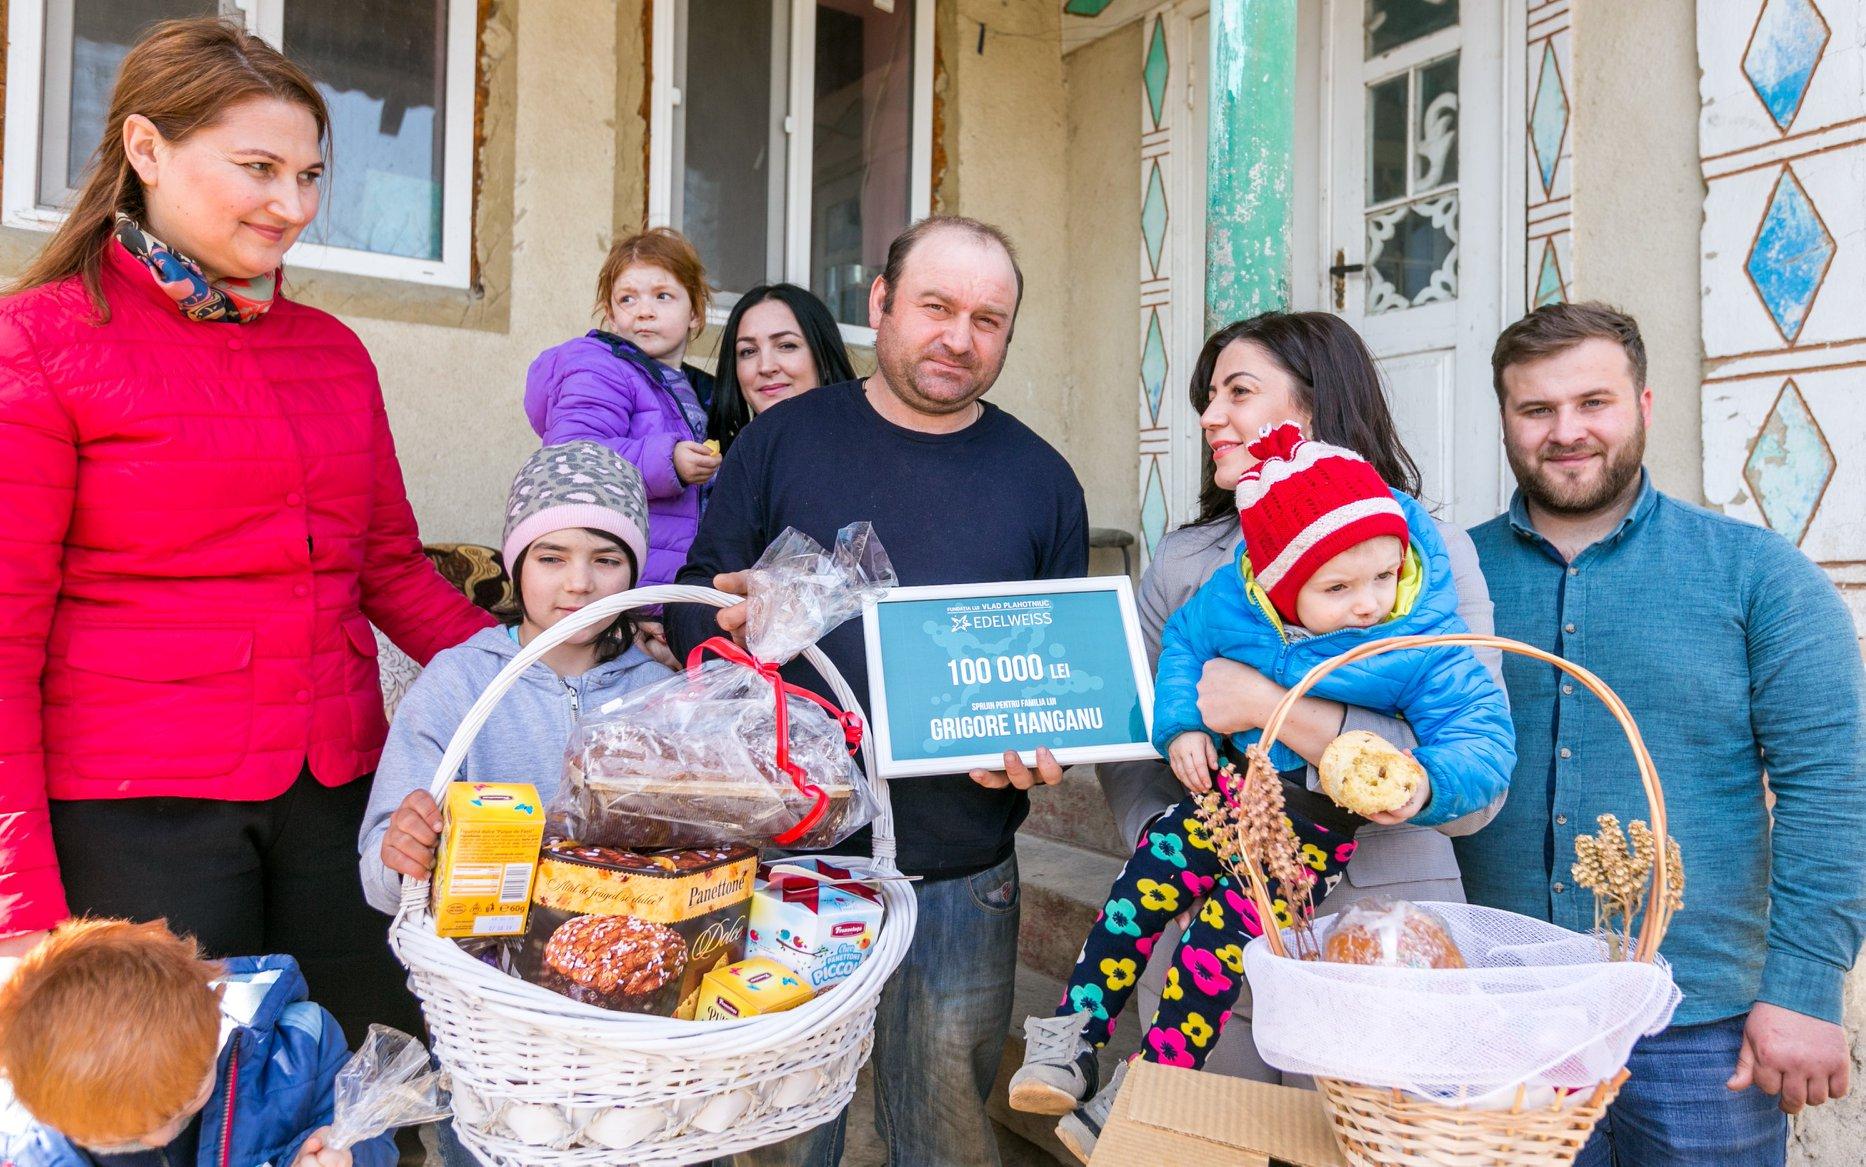 Surprinză de Paști vlad plahotniuc, Familia Hanganu din Călimănești a primit un voucher de 100.000 de lei de la Fundația Edelweiss, Un tată cu patru copii, partidul democrat din moldova fapte nu vorbe, pavel filip pdm,